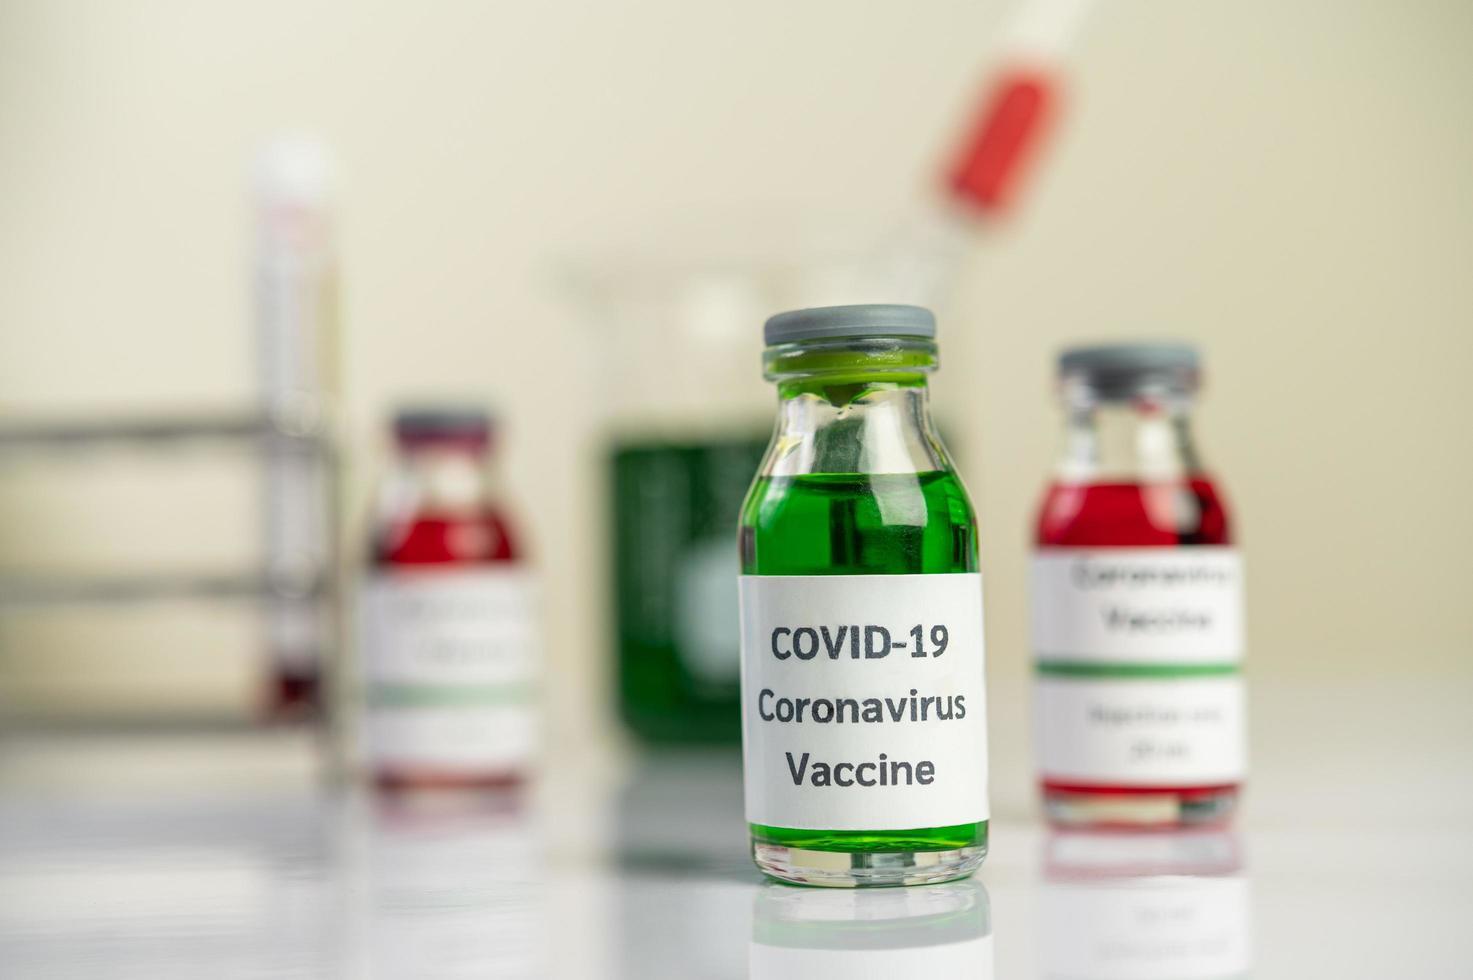 le vaccin contre le covid-19 en flacons rouges et verts photo